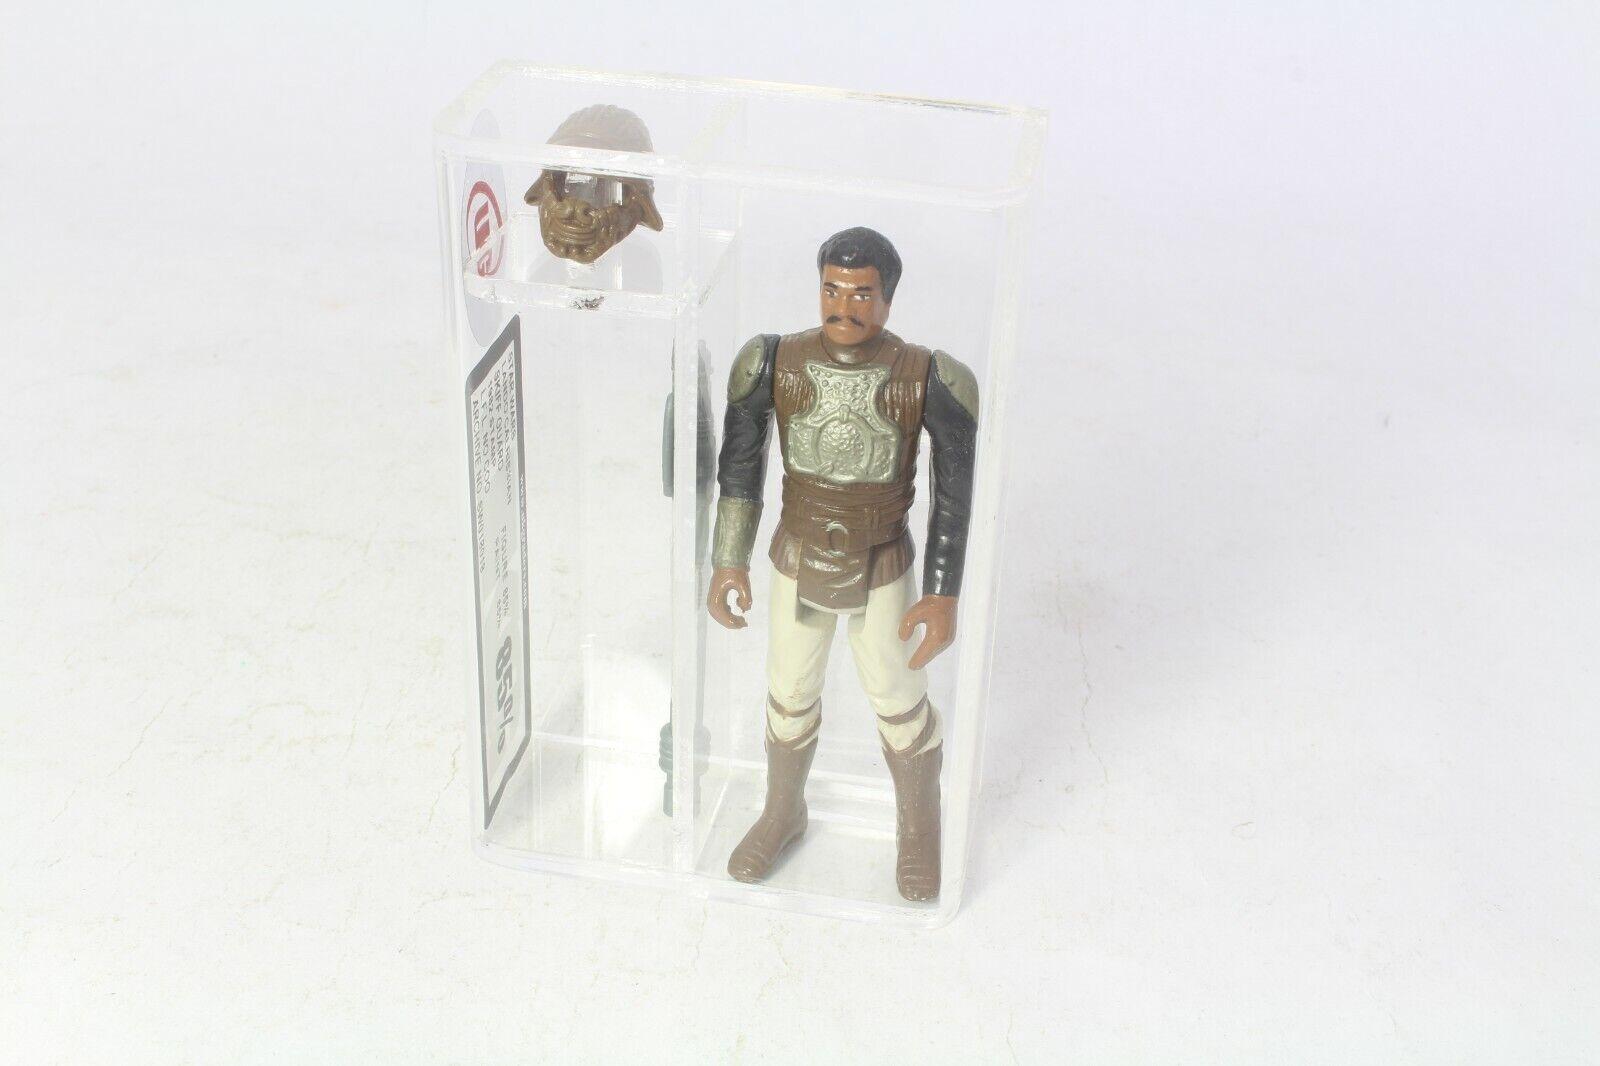 100% garantía genuina de contador Estrella Wars Lando Lando Lando Cochelrissian Skiff Guardia Figura VintageG clasificados 85 no Afa  más orden